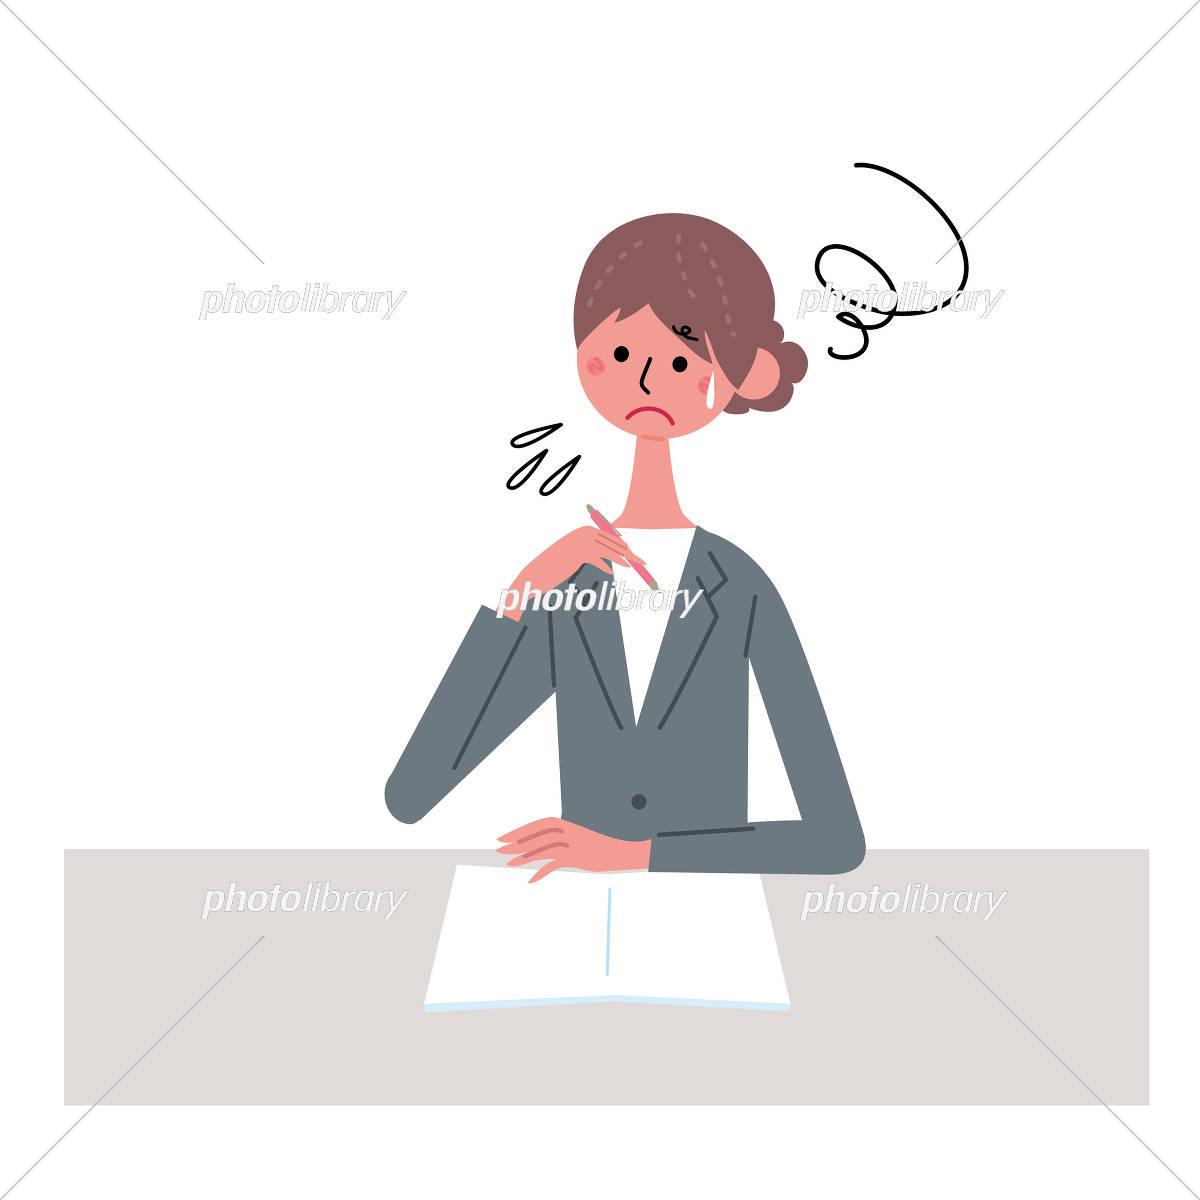 書類を書く 女性 イラスト イラスト素材 5466532 フォトライブ